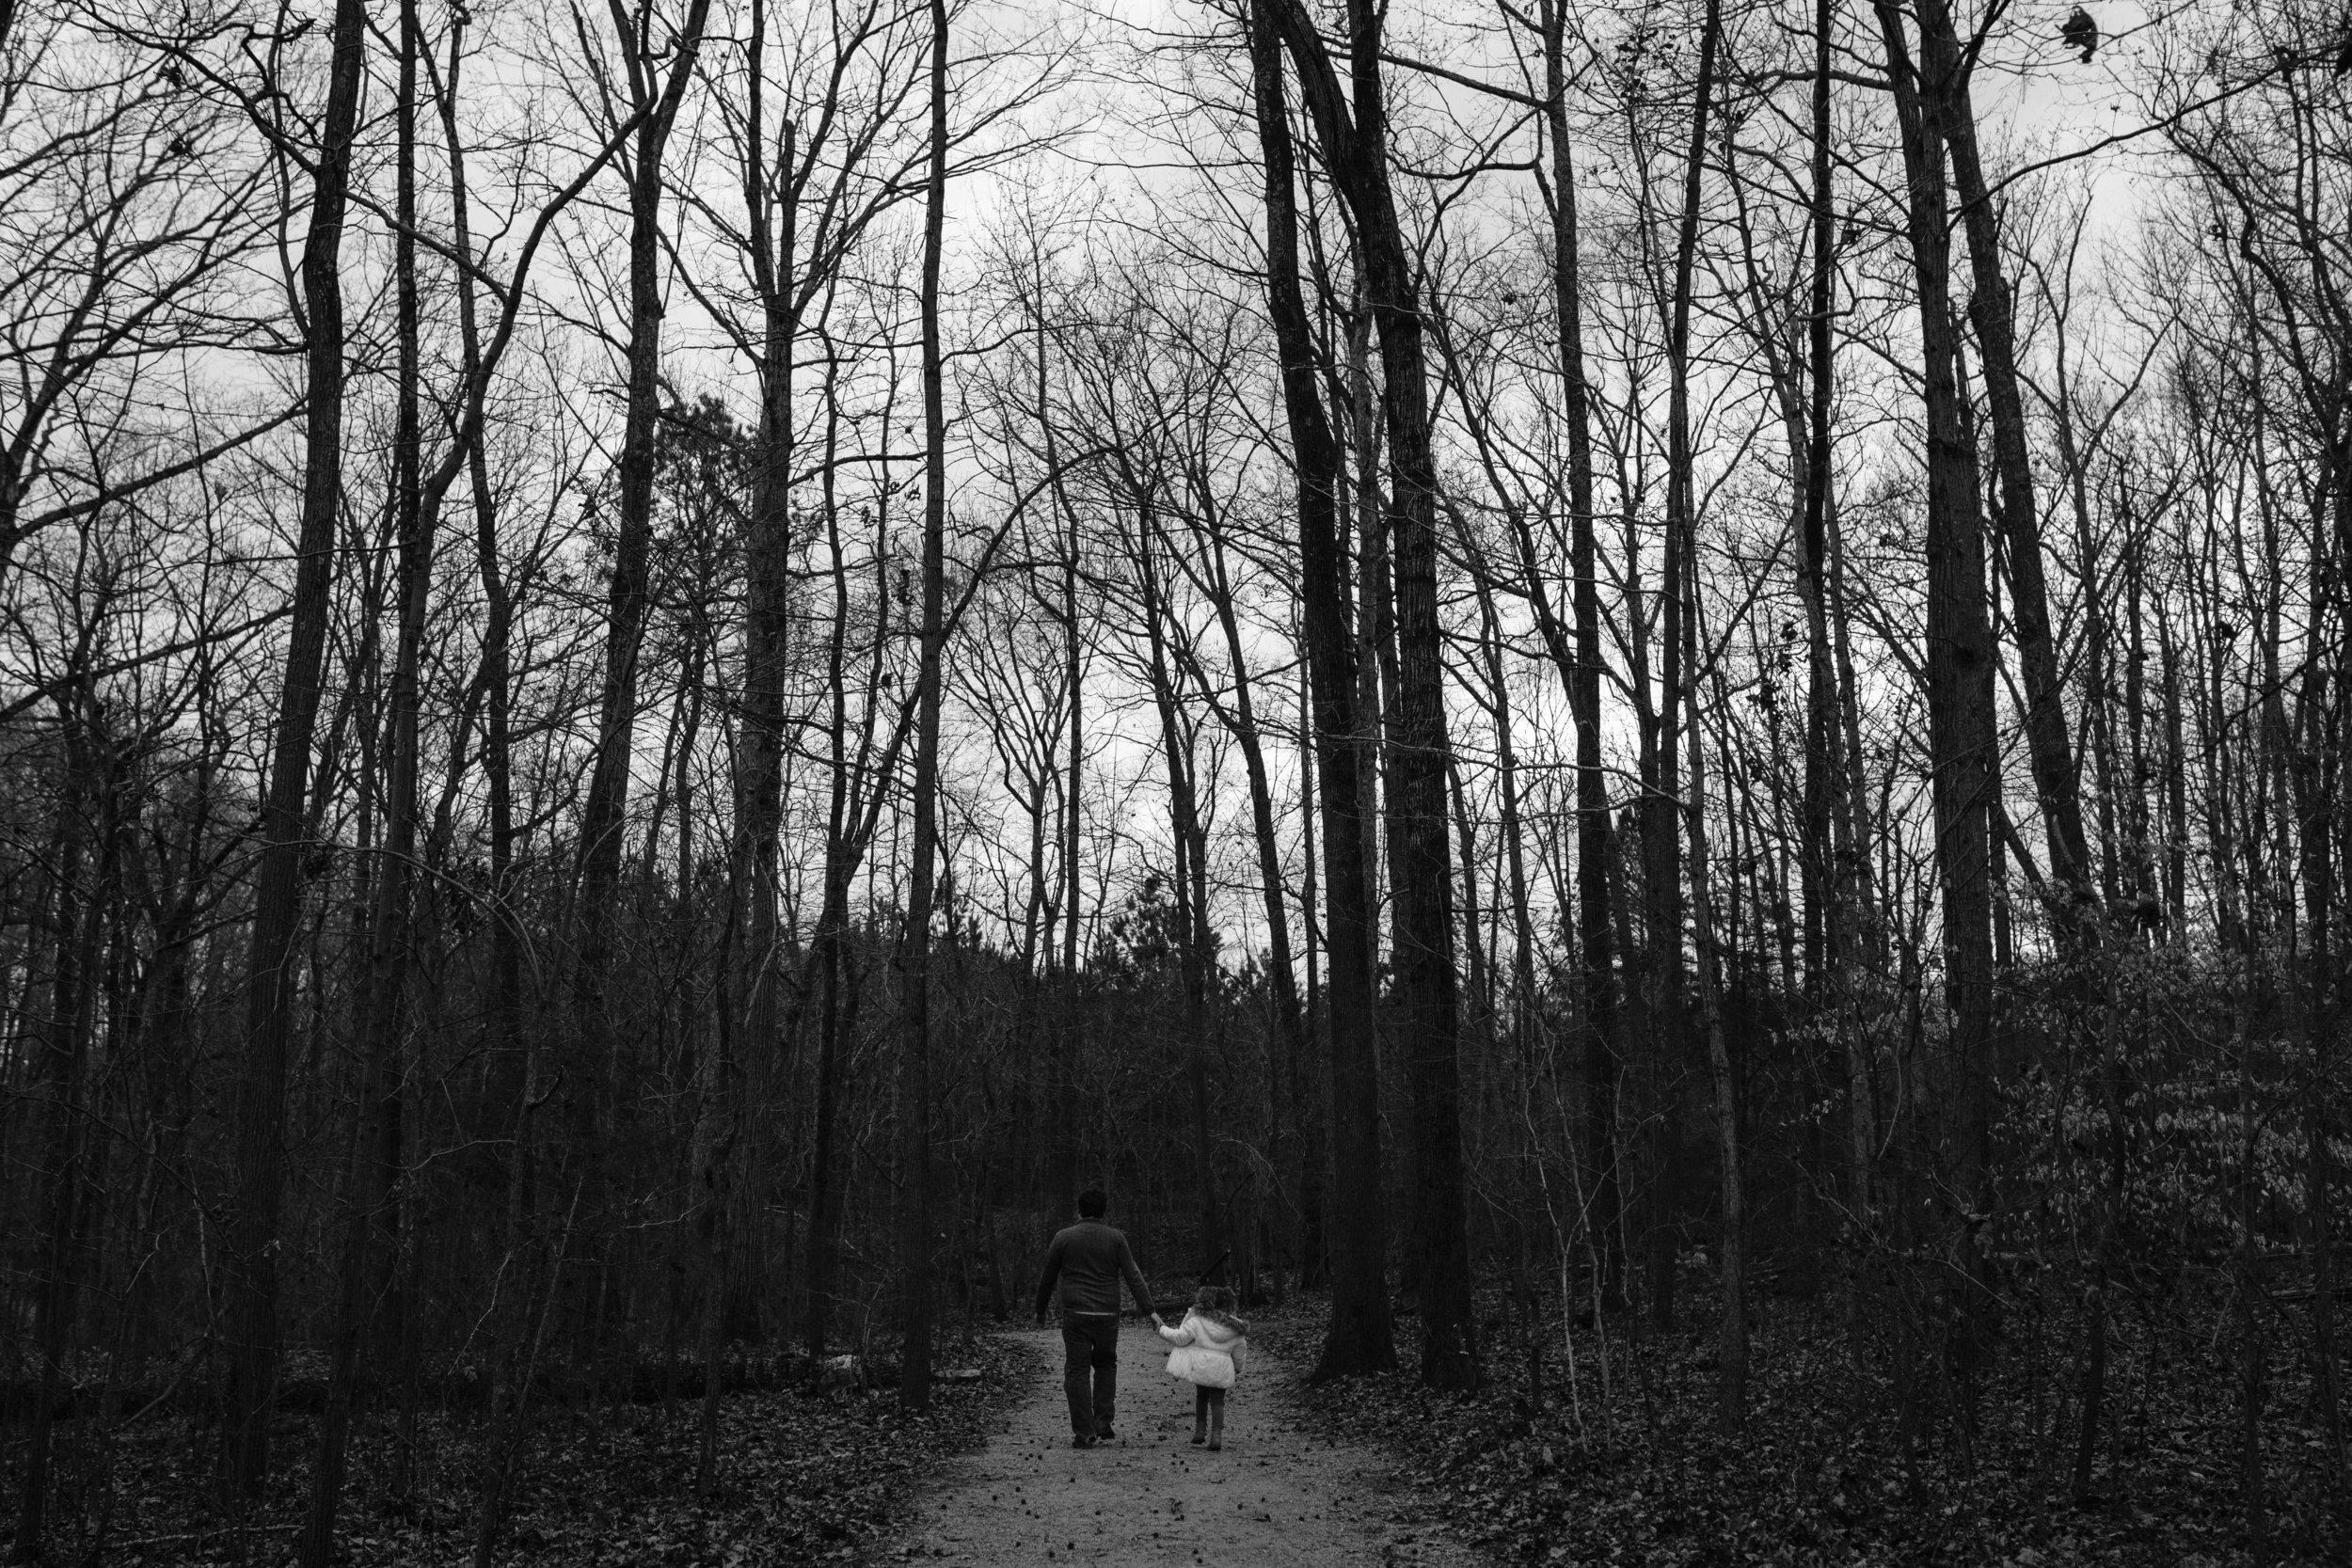 Richmond Family Photographer, Virginia Beach family photographer, Charlottesville family photographer, Asheville family photographer, Johnson City, tn family photographer, Raleigh family photographer